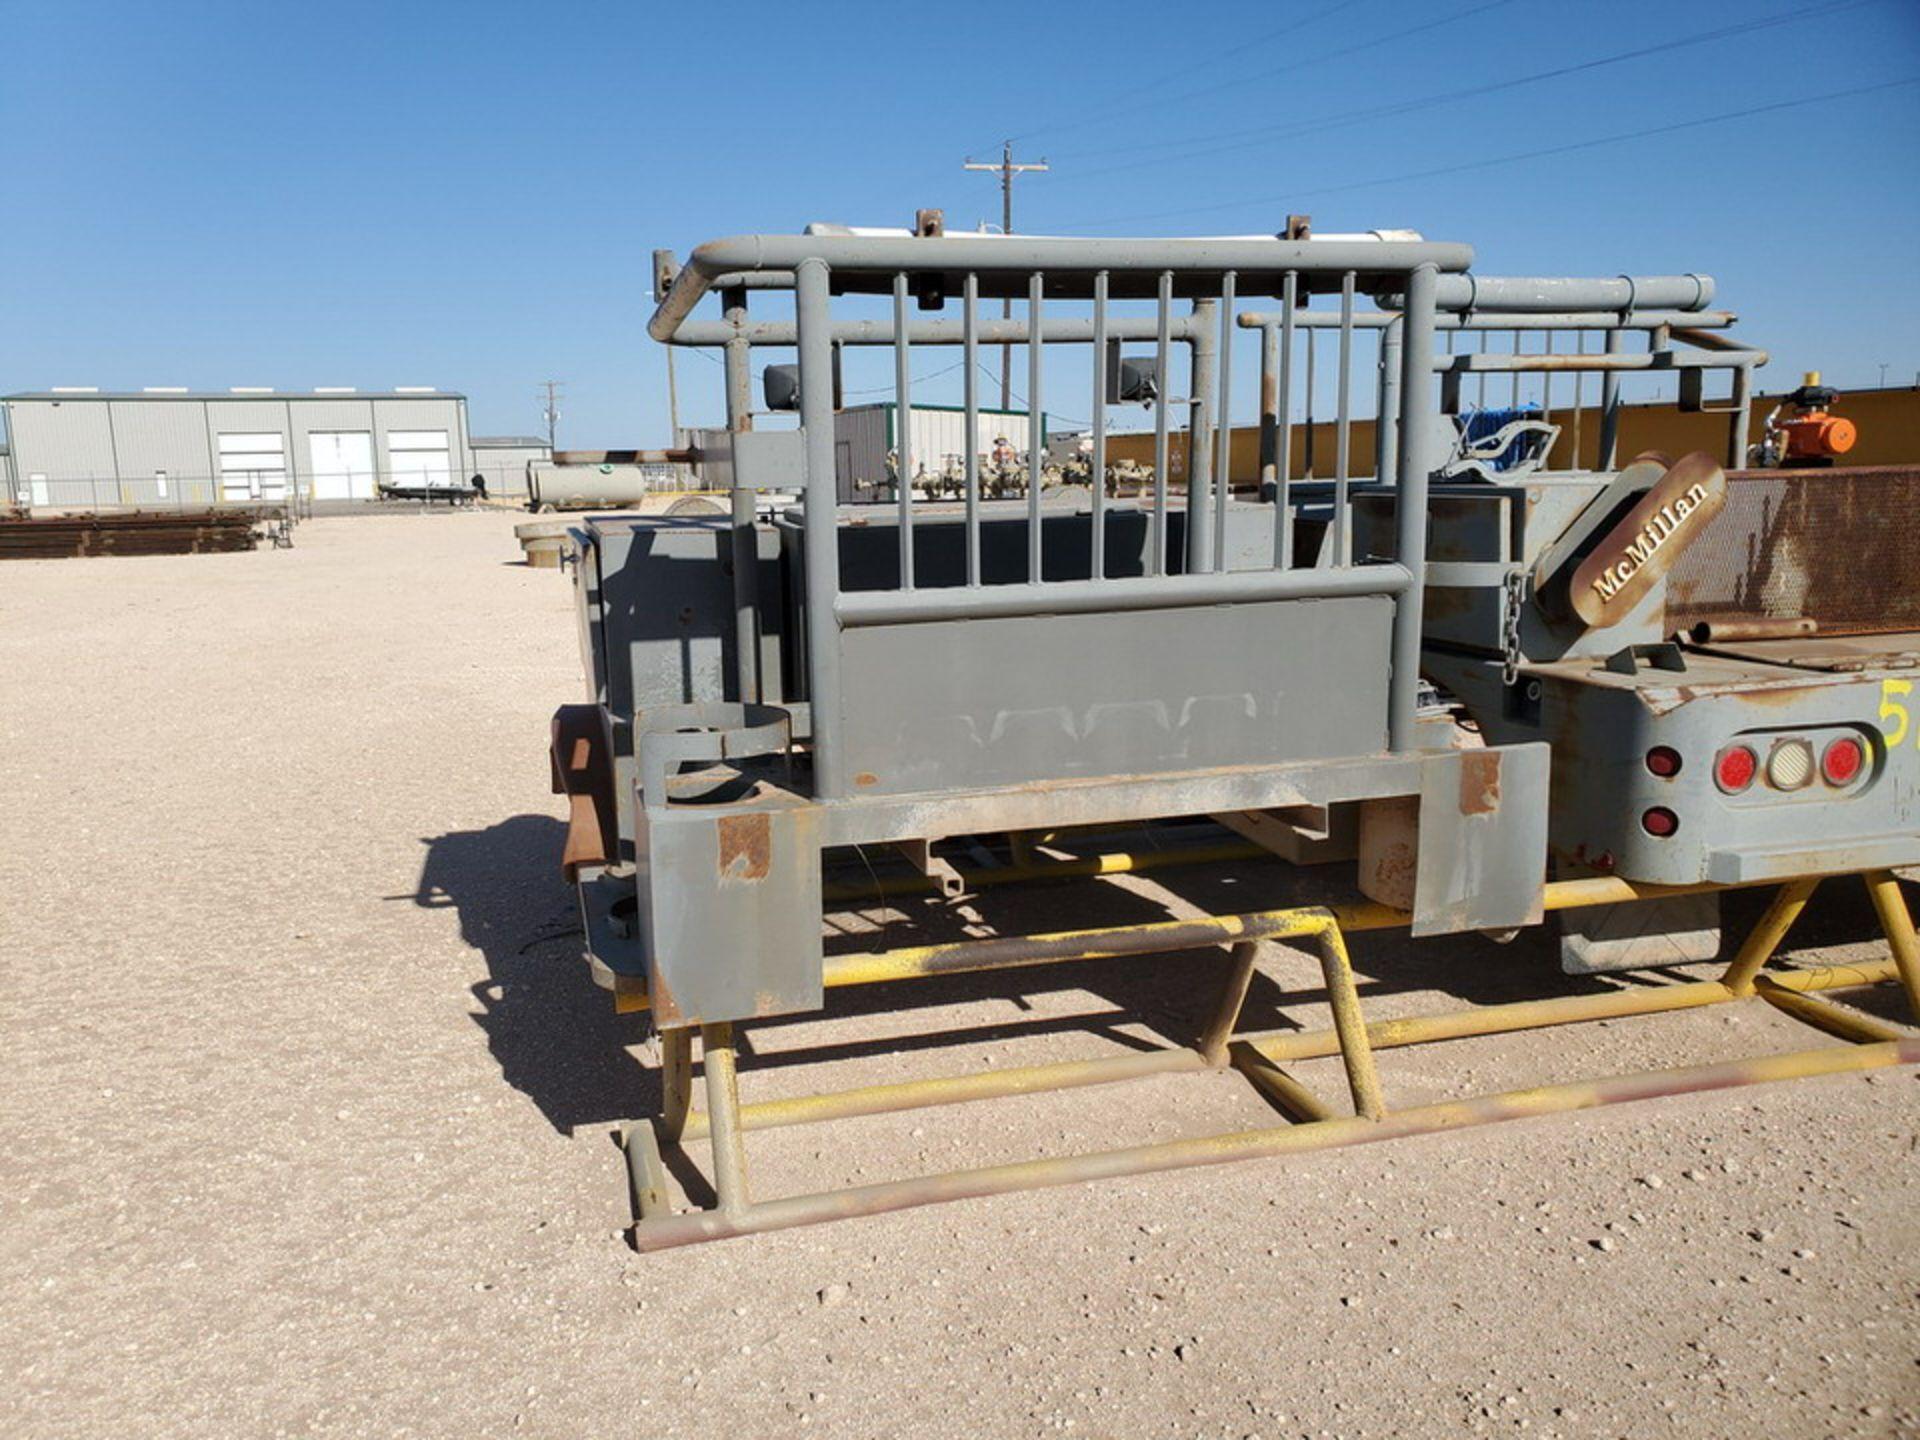 Welding Truck Bed - Image 8 of 10